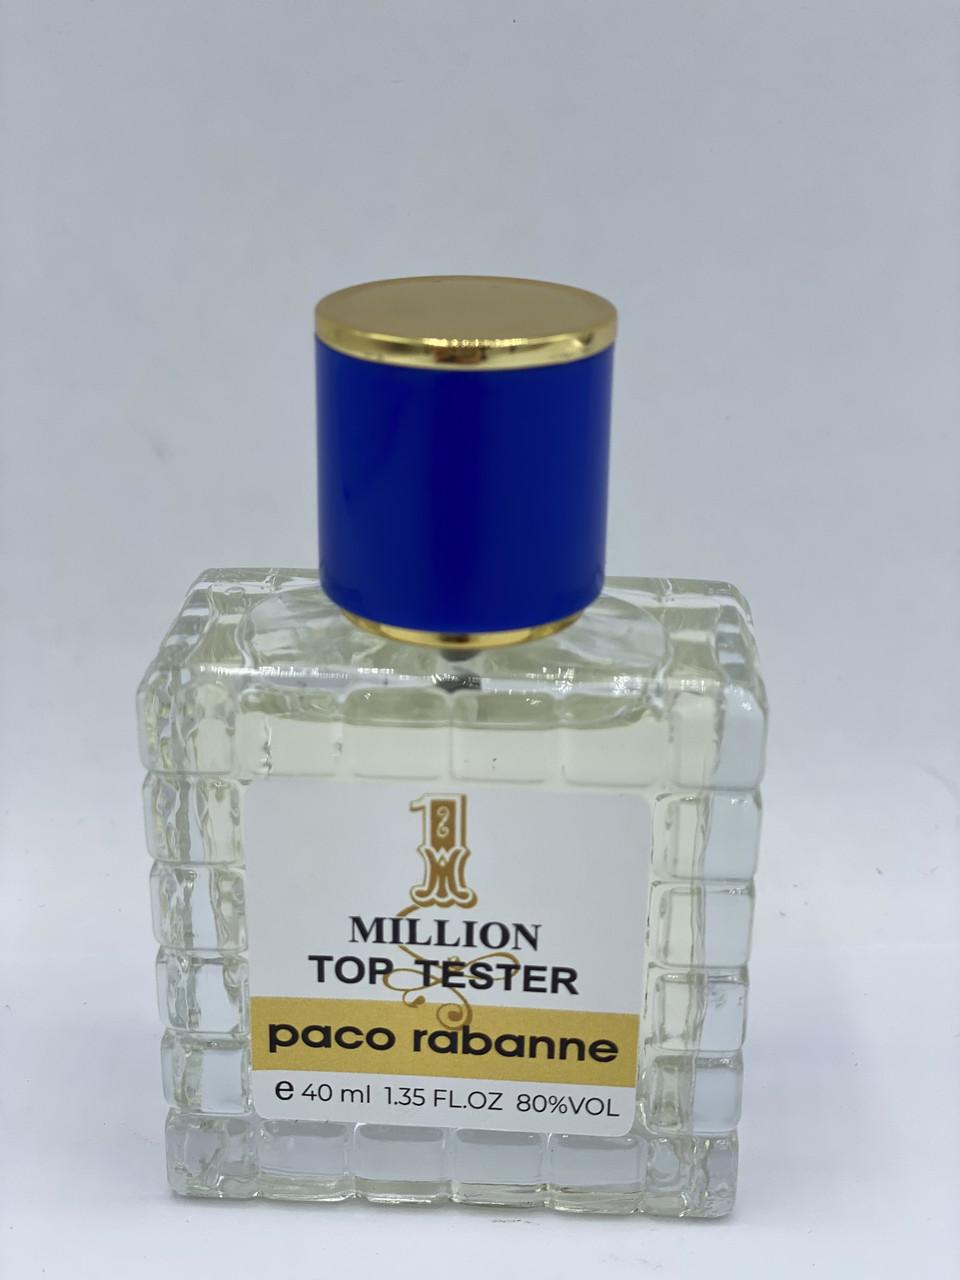 Paco Rabanne 1 million  for men Top Tester 40 мл